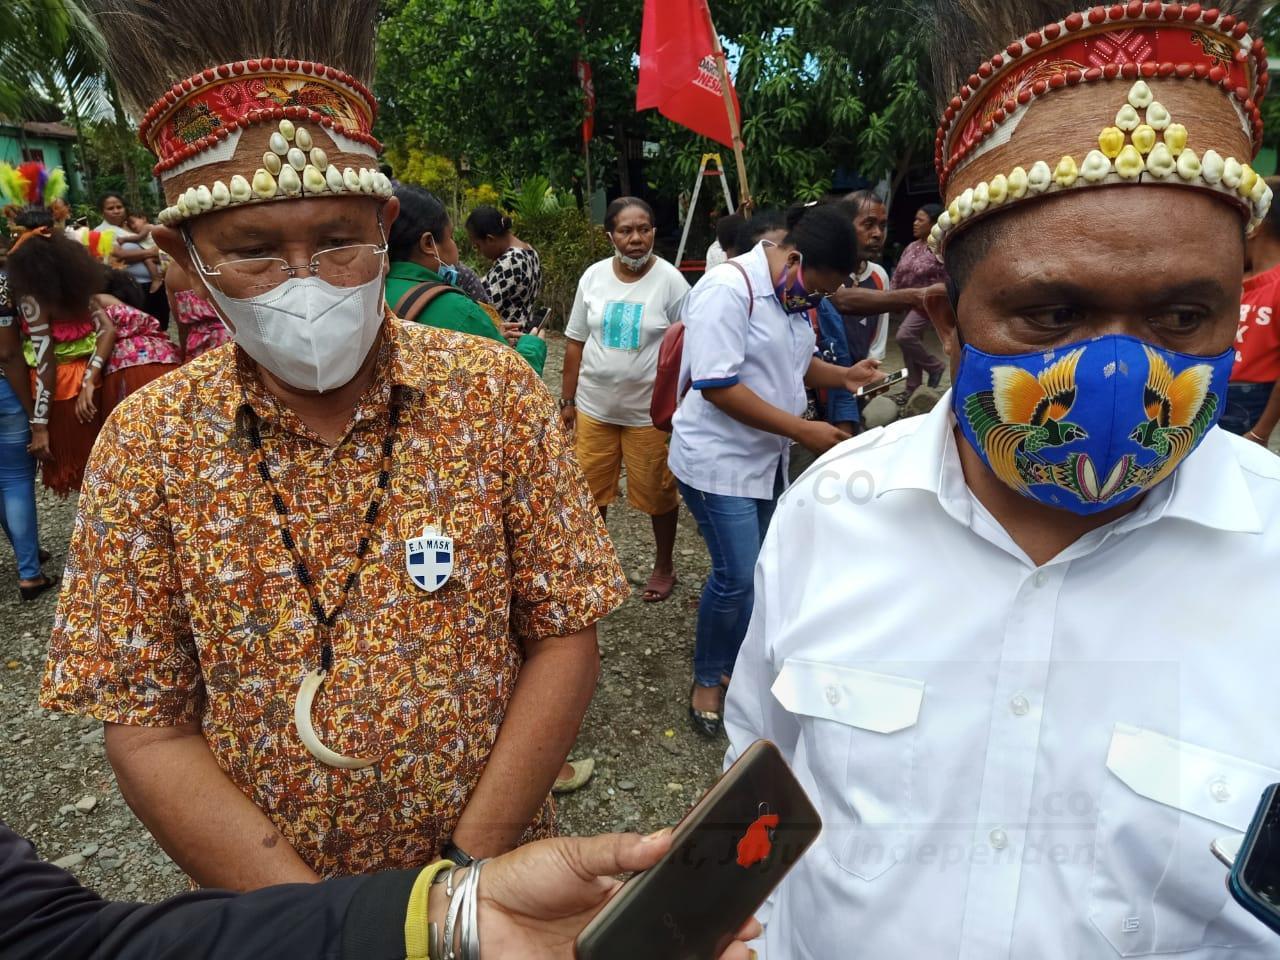 Hermus Indou Minta Partai Pendukung HEBO Harus Profesional Bersinergi Bersama Tim Dan Relawan 26 IMG 20201103 WA0074 1